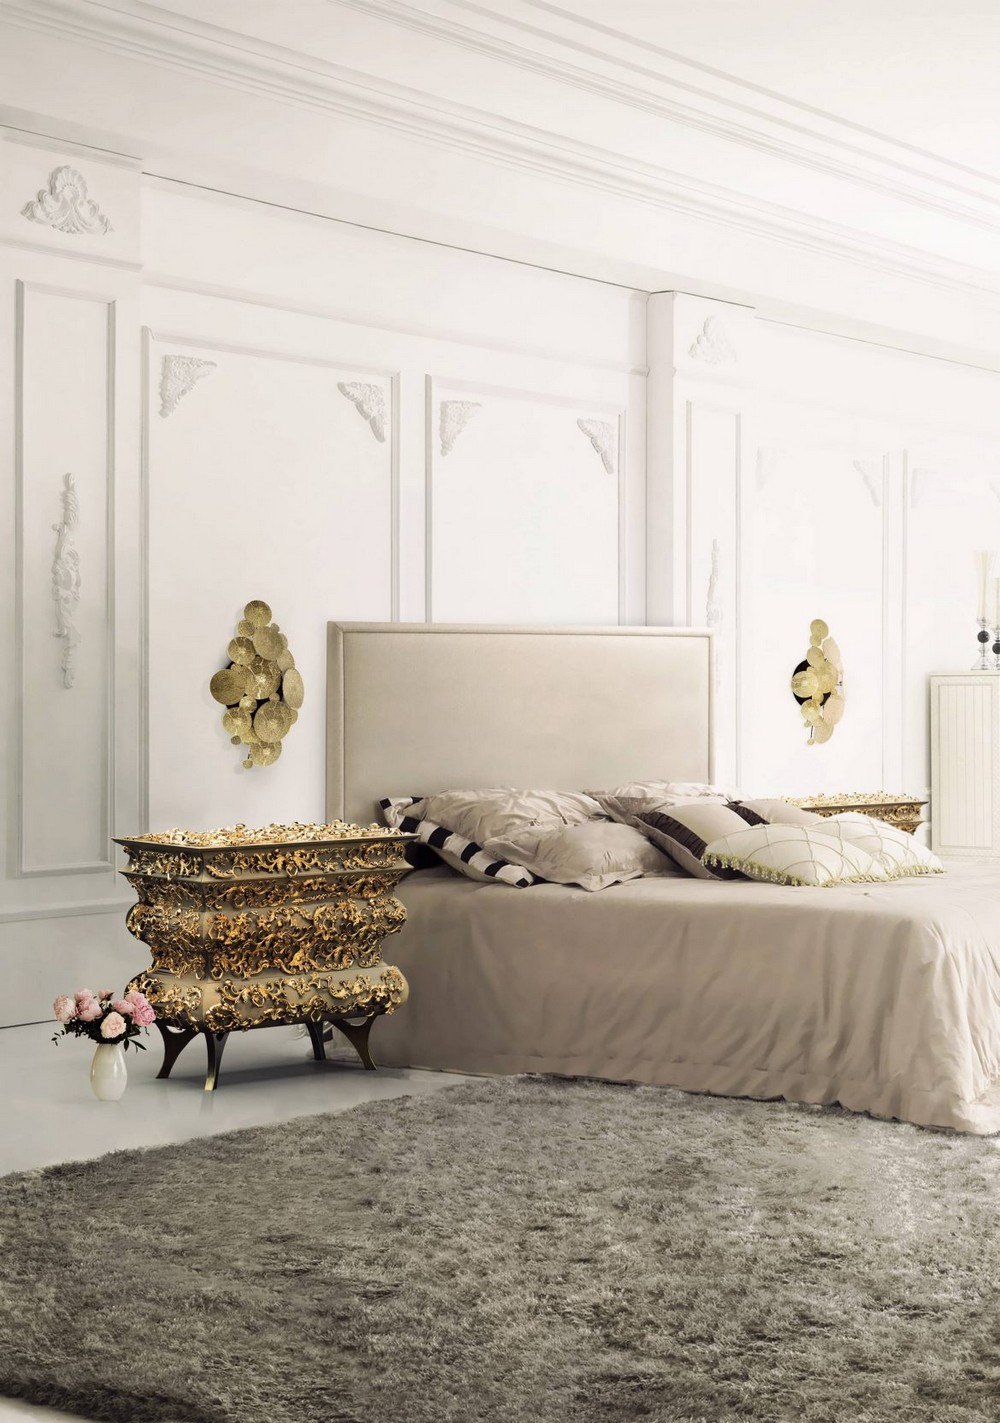 modern nightstands 26 Modern Nightstands for an Upgraded Bedroom Decor 25 Modern Nightstands for an Upgraded Bedroom Decor 1